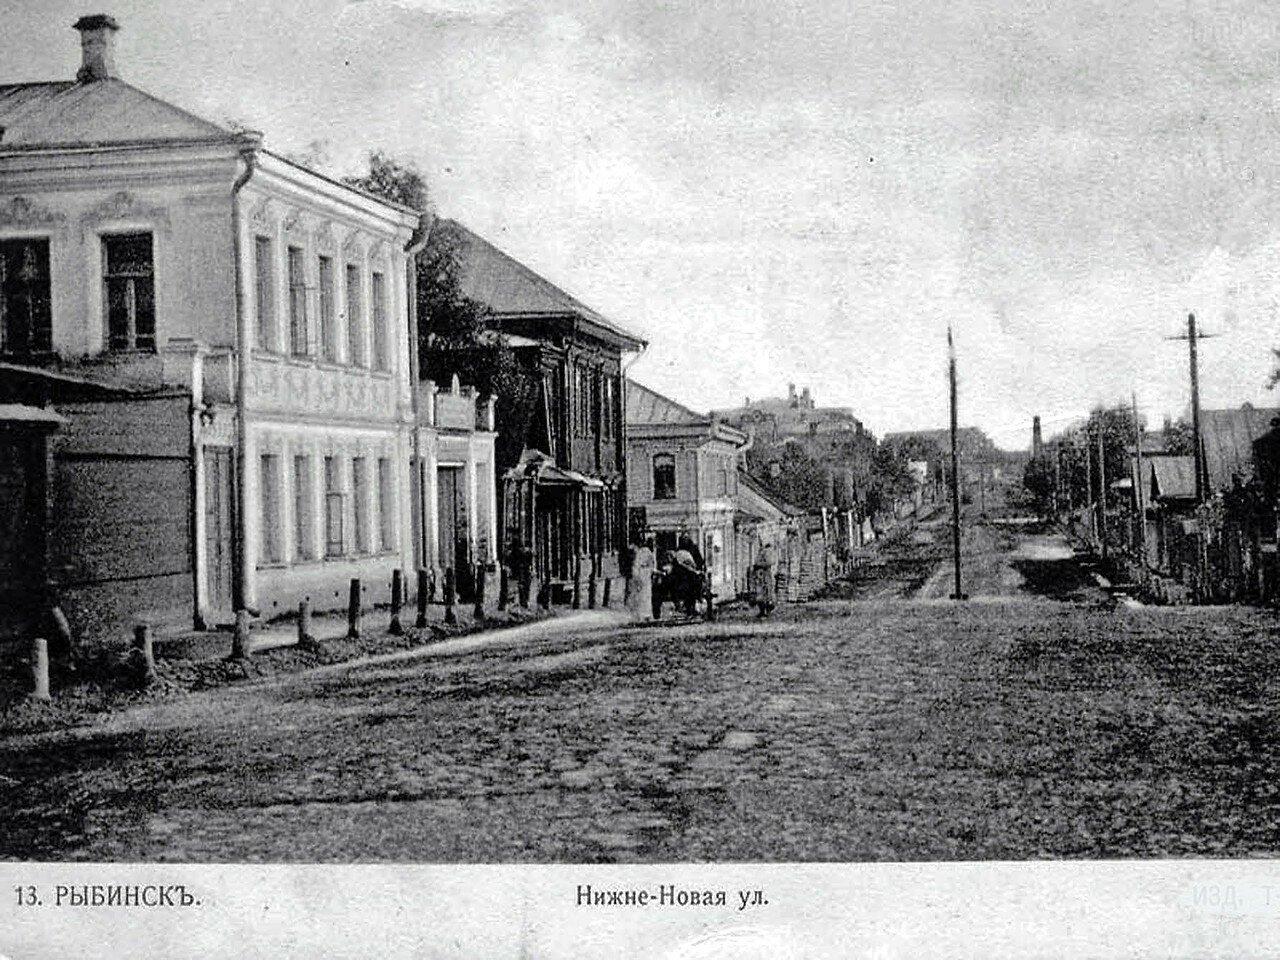 Нижне-Новая улица